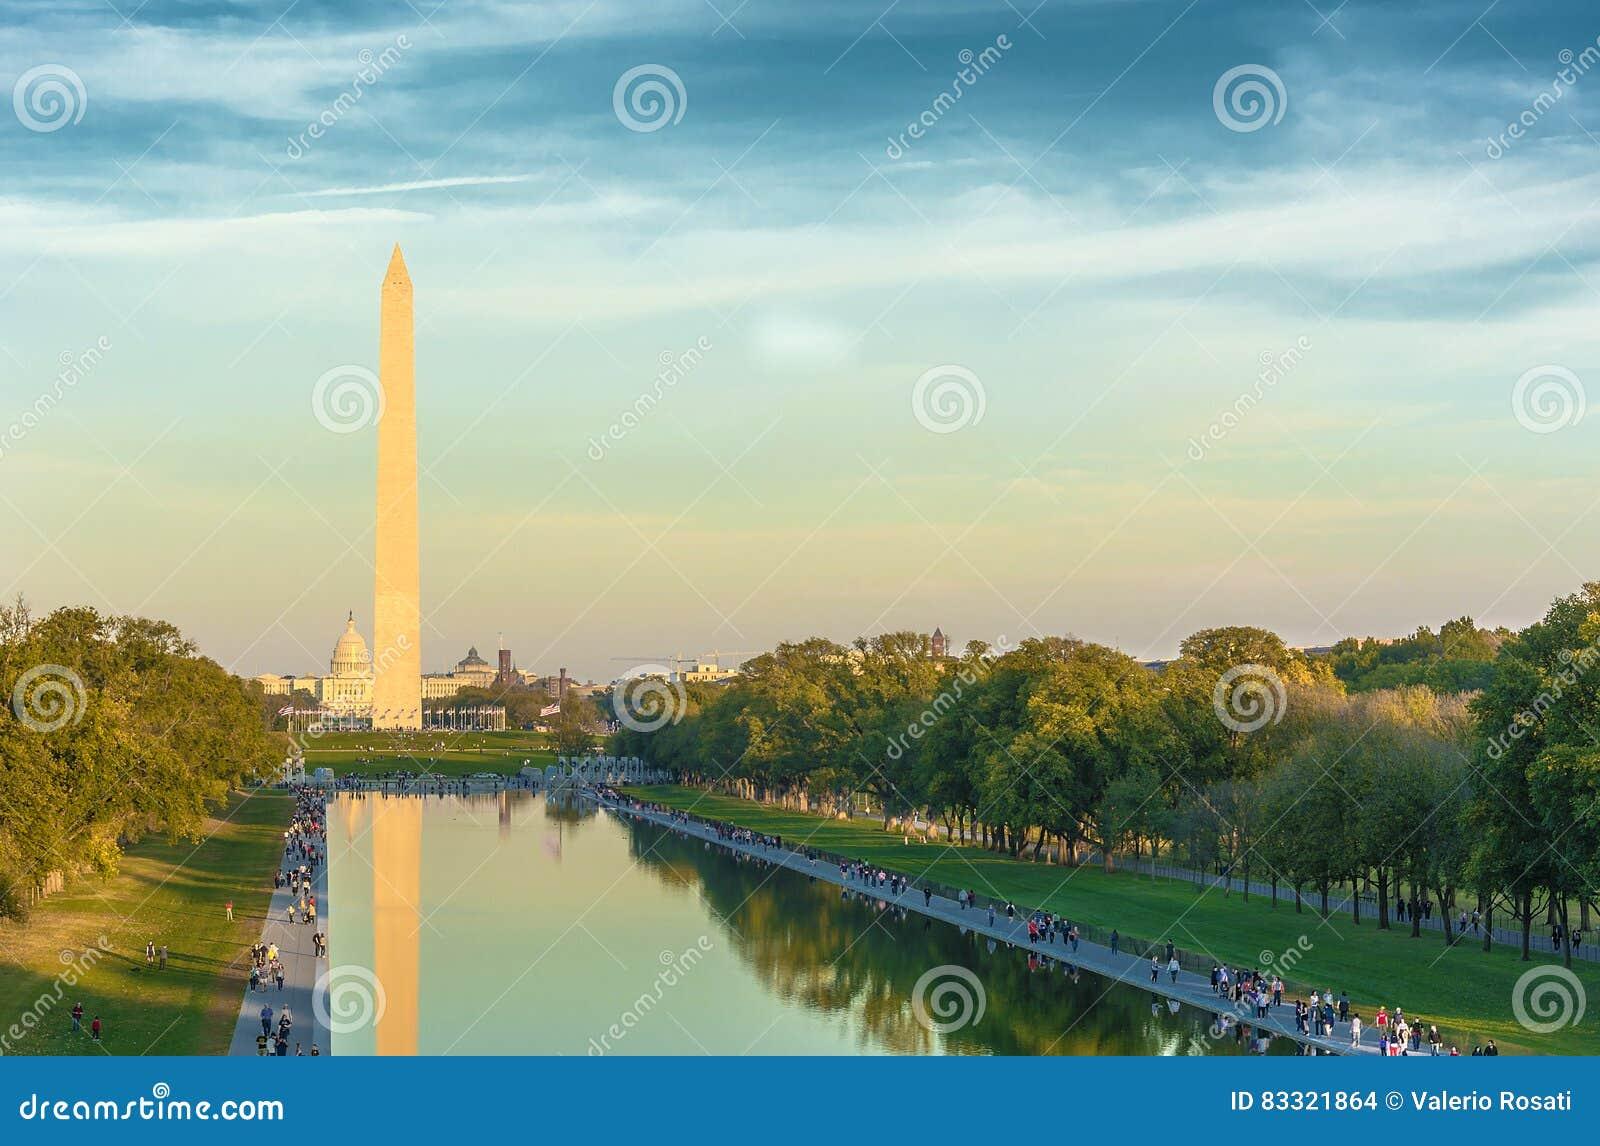 Washington Monument and Reflecting Pool,